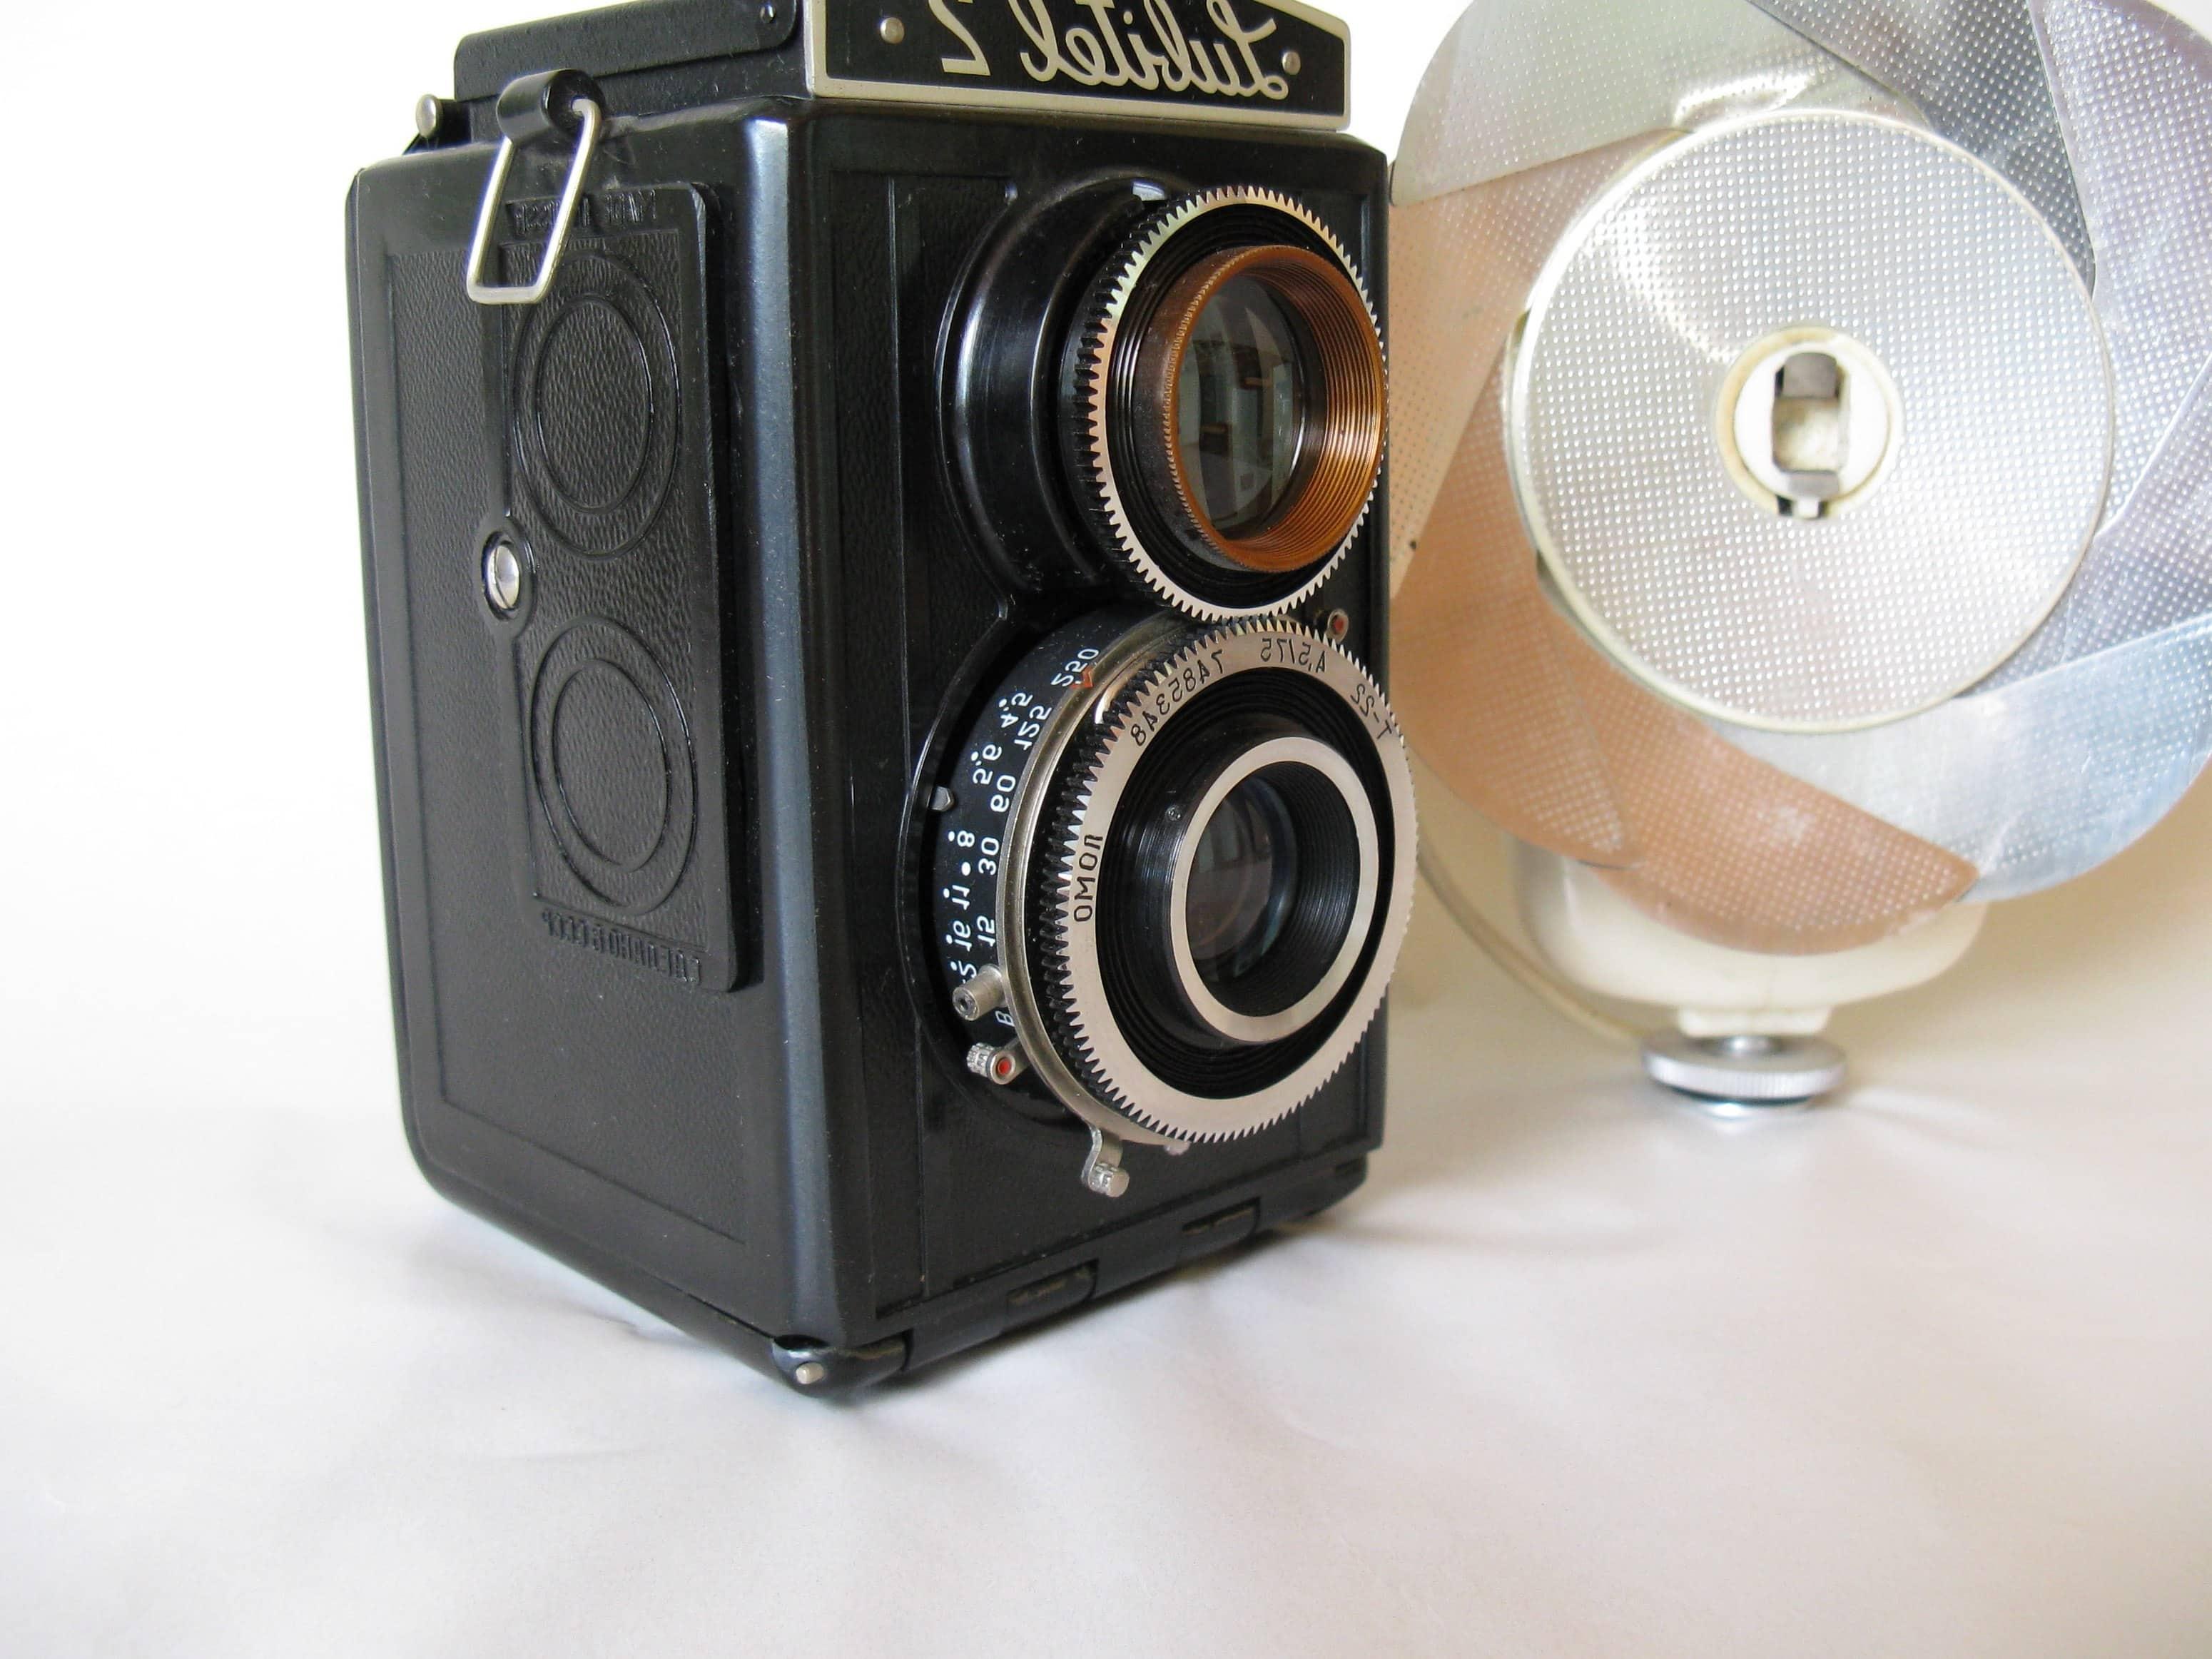 Free Picture Nostalgia Old Style Photo Model Photo